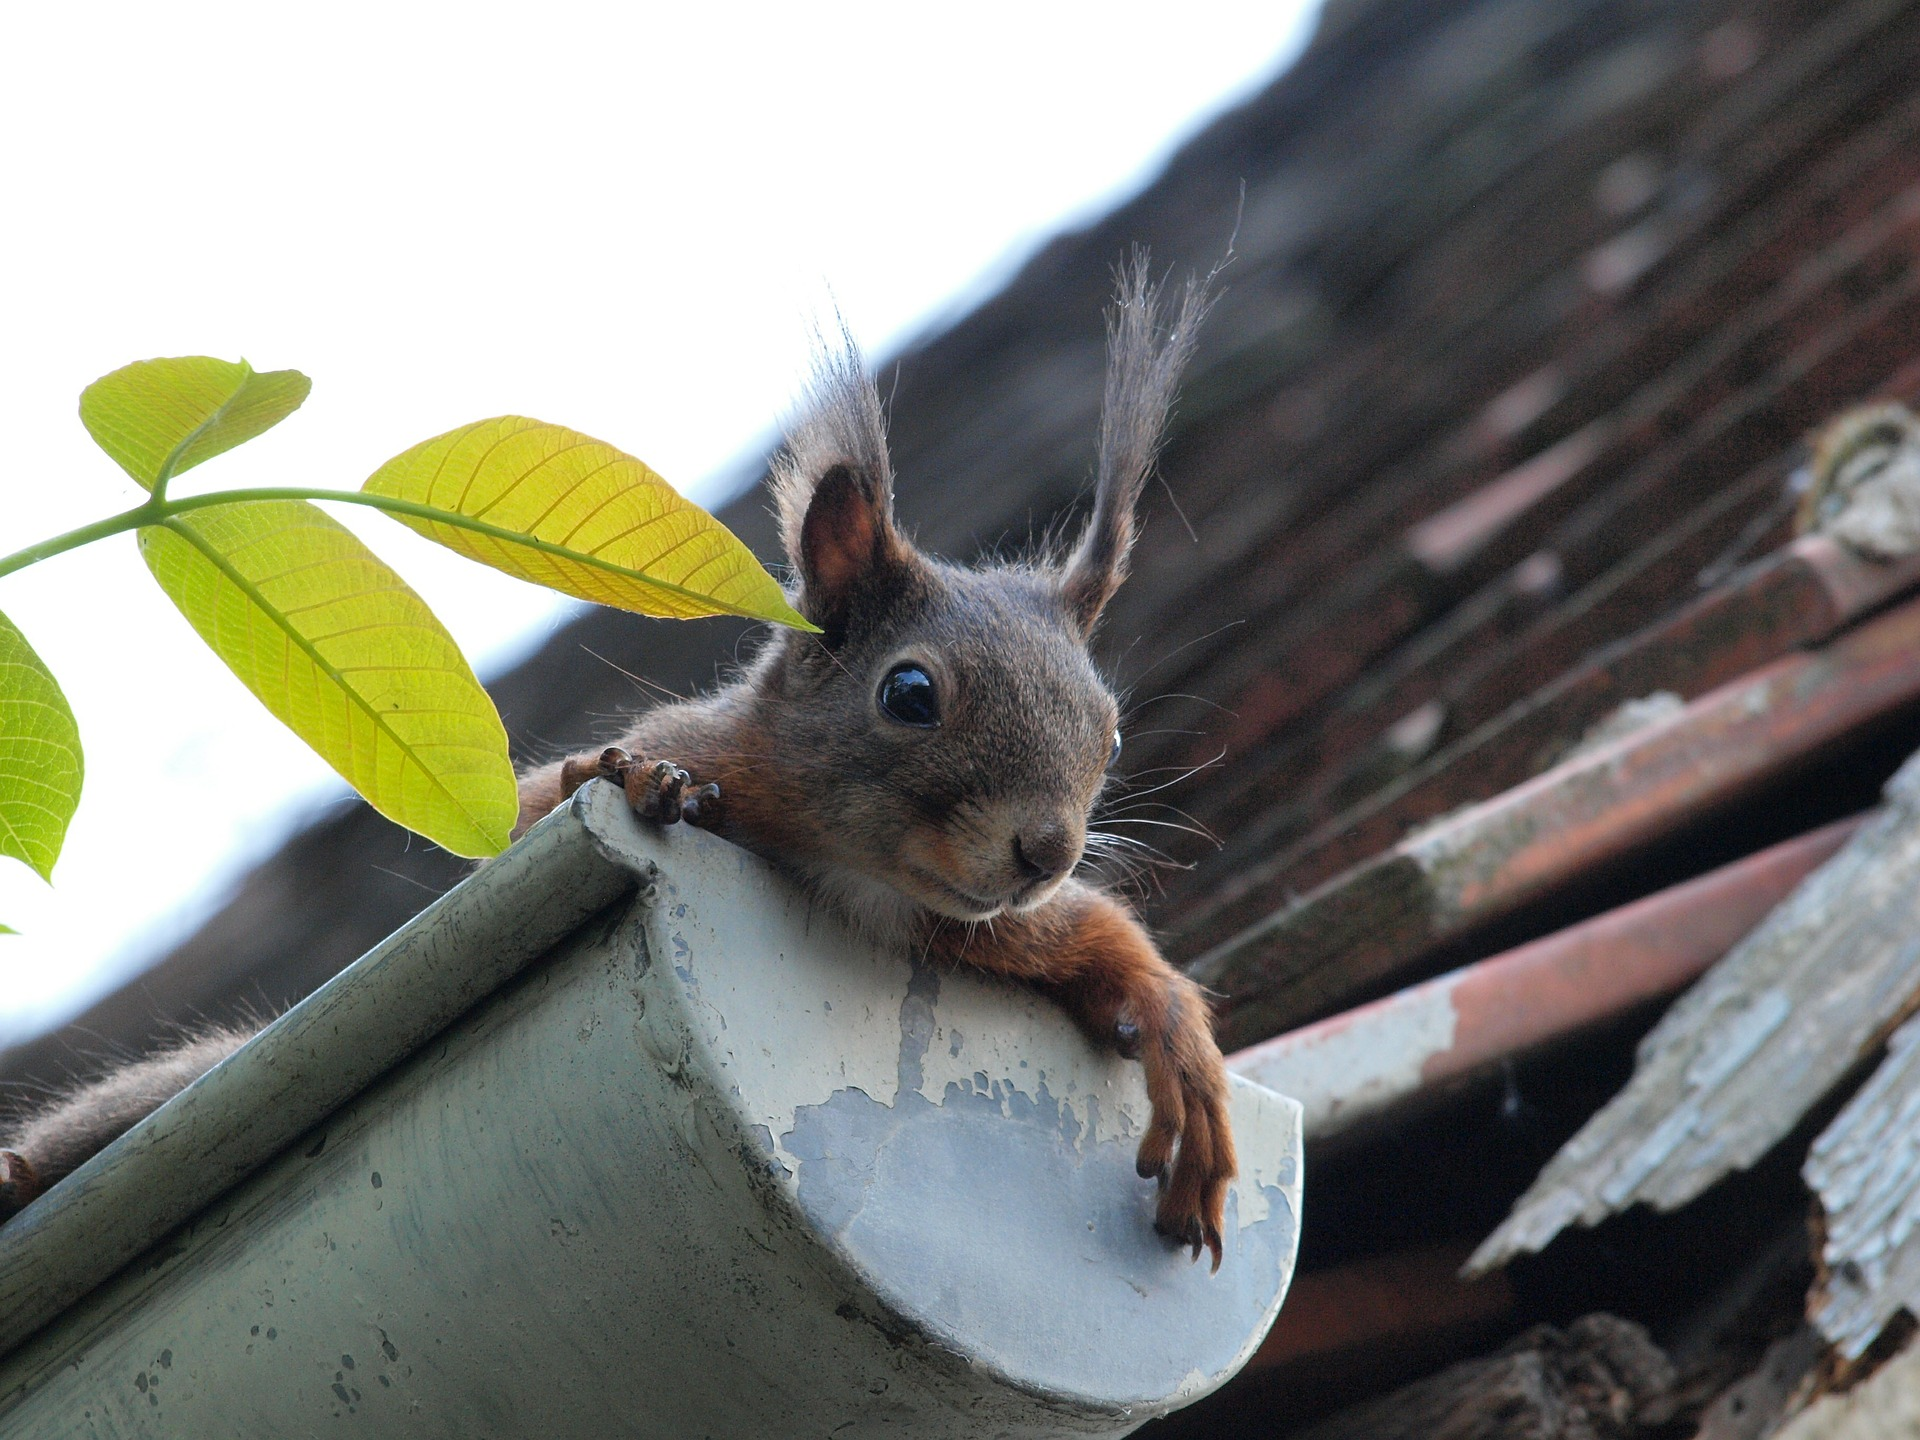 squirrel-451009_1920